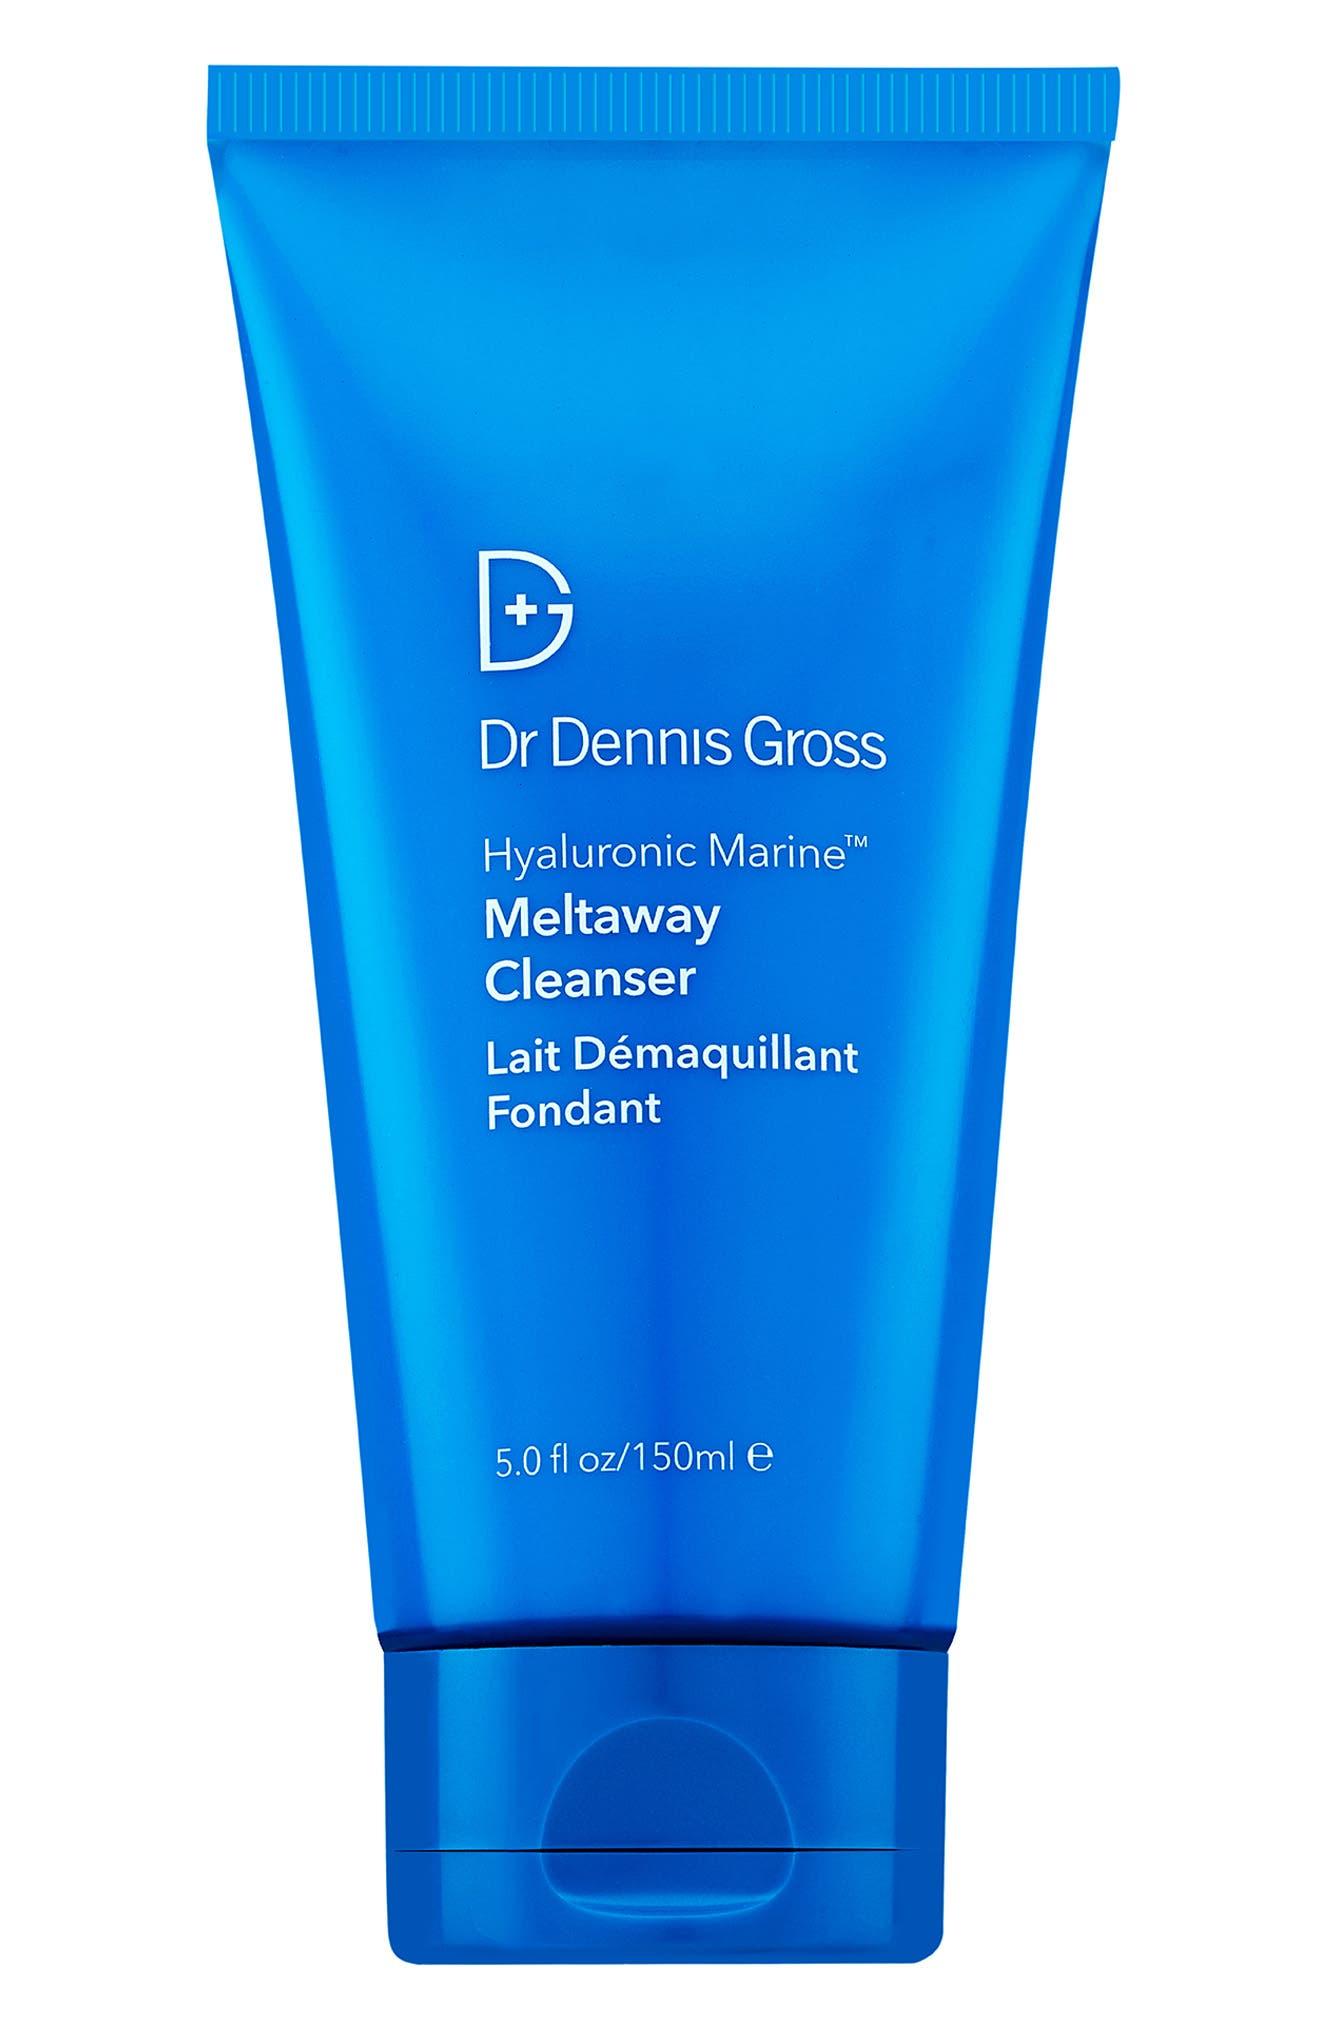 Skincare Hyaluronic Marine(TM) Meltaway Cleanser